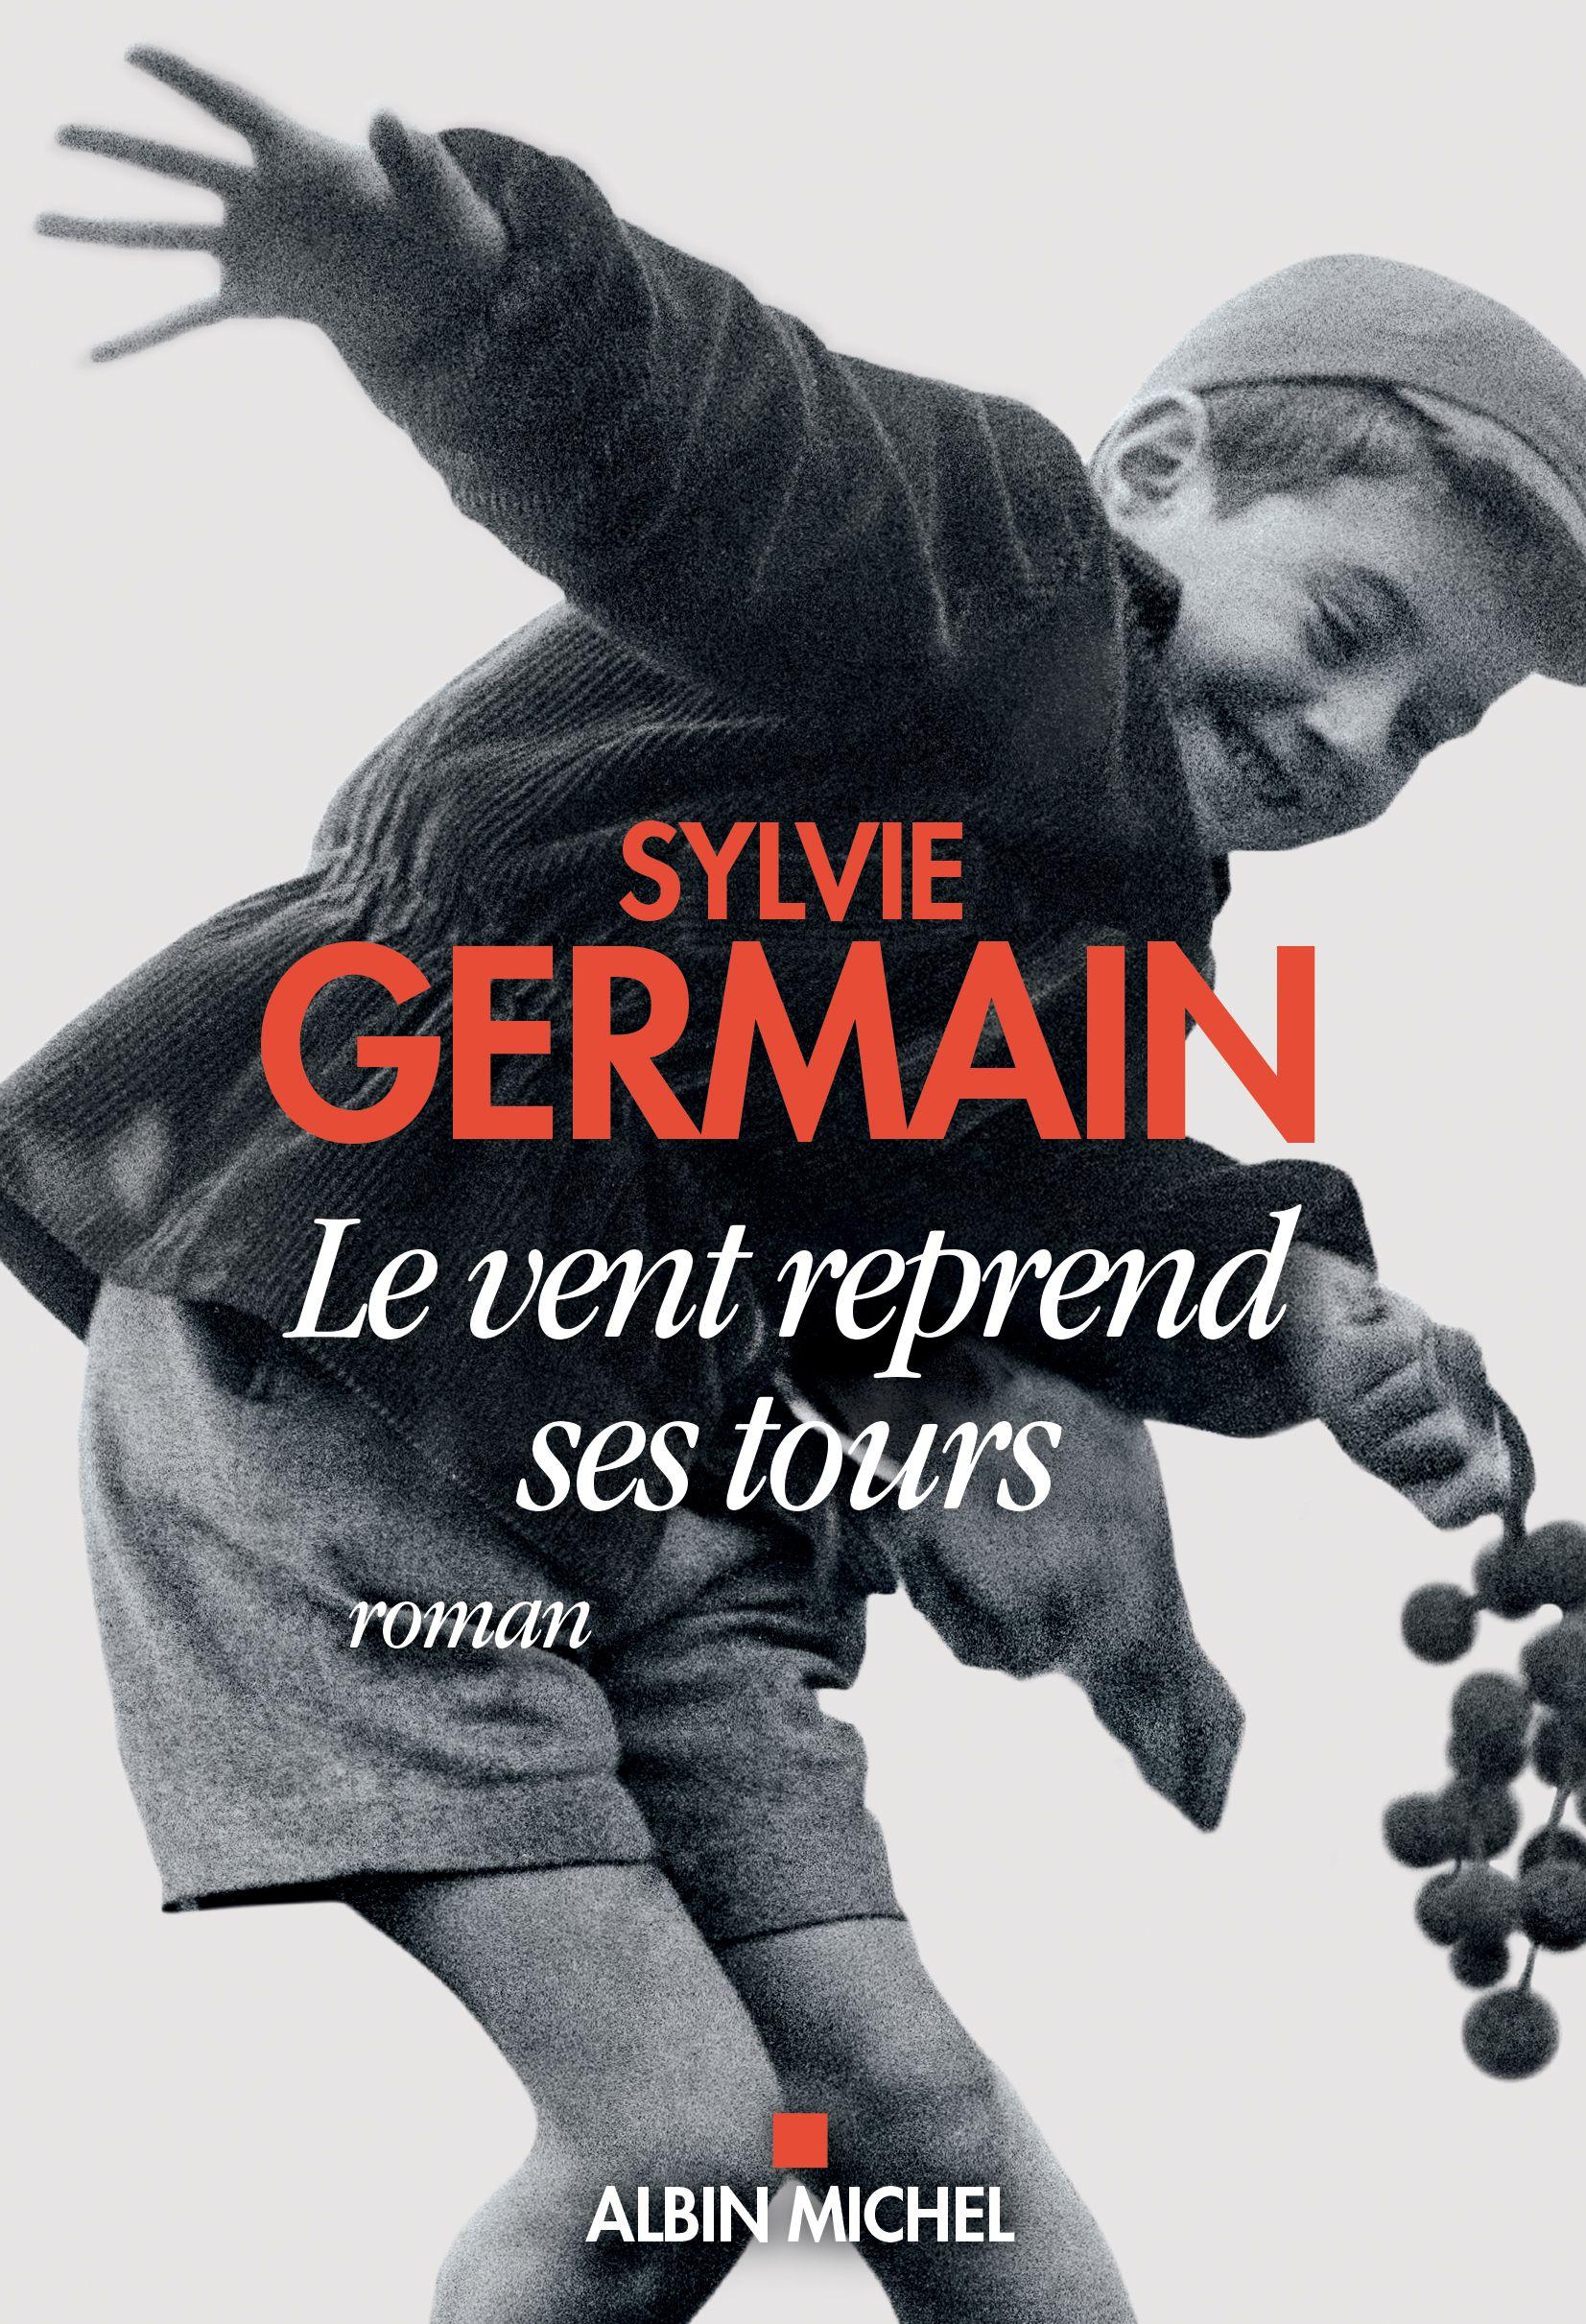 """""""Le vent reprend ses tours"""" de Sylvie Germain : Une amitié insolite entre un jeune garçon et un artiste de rue. Le plaisir esthétique et la recherche de sens"""